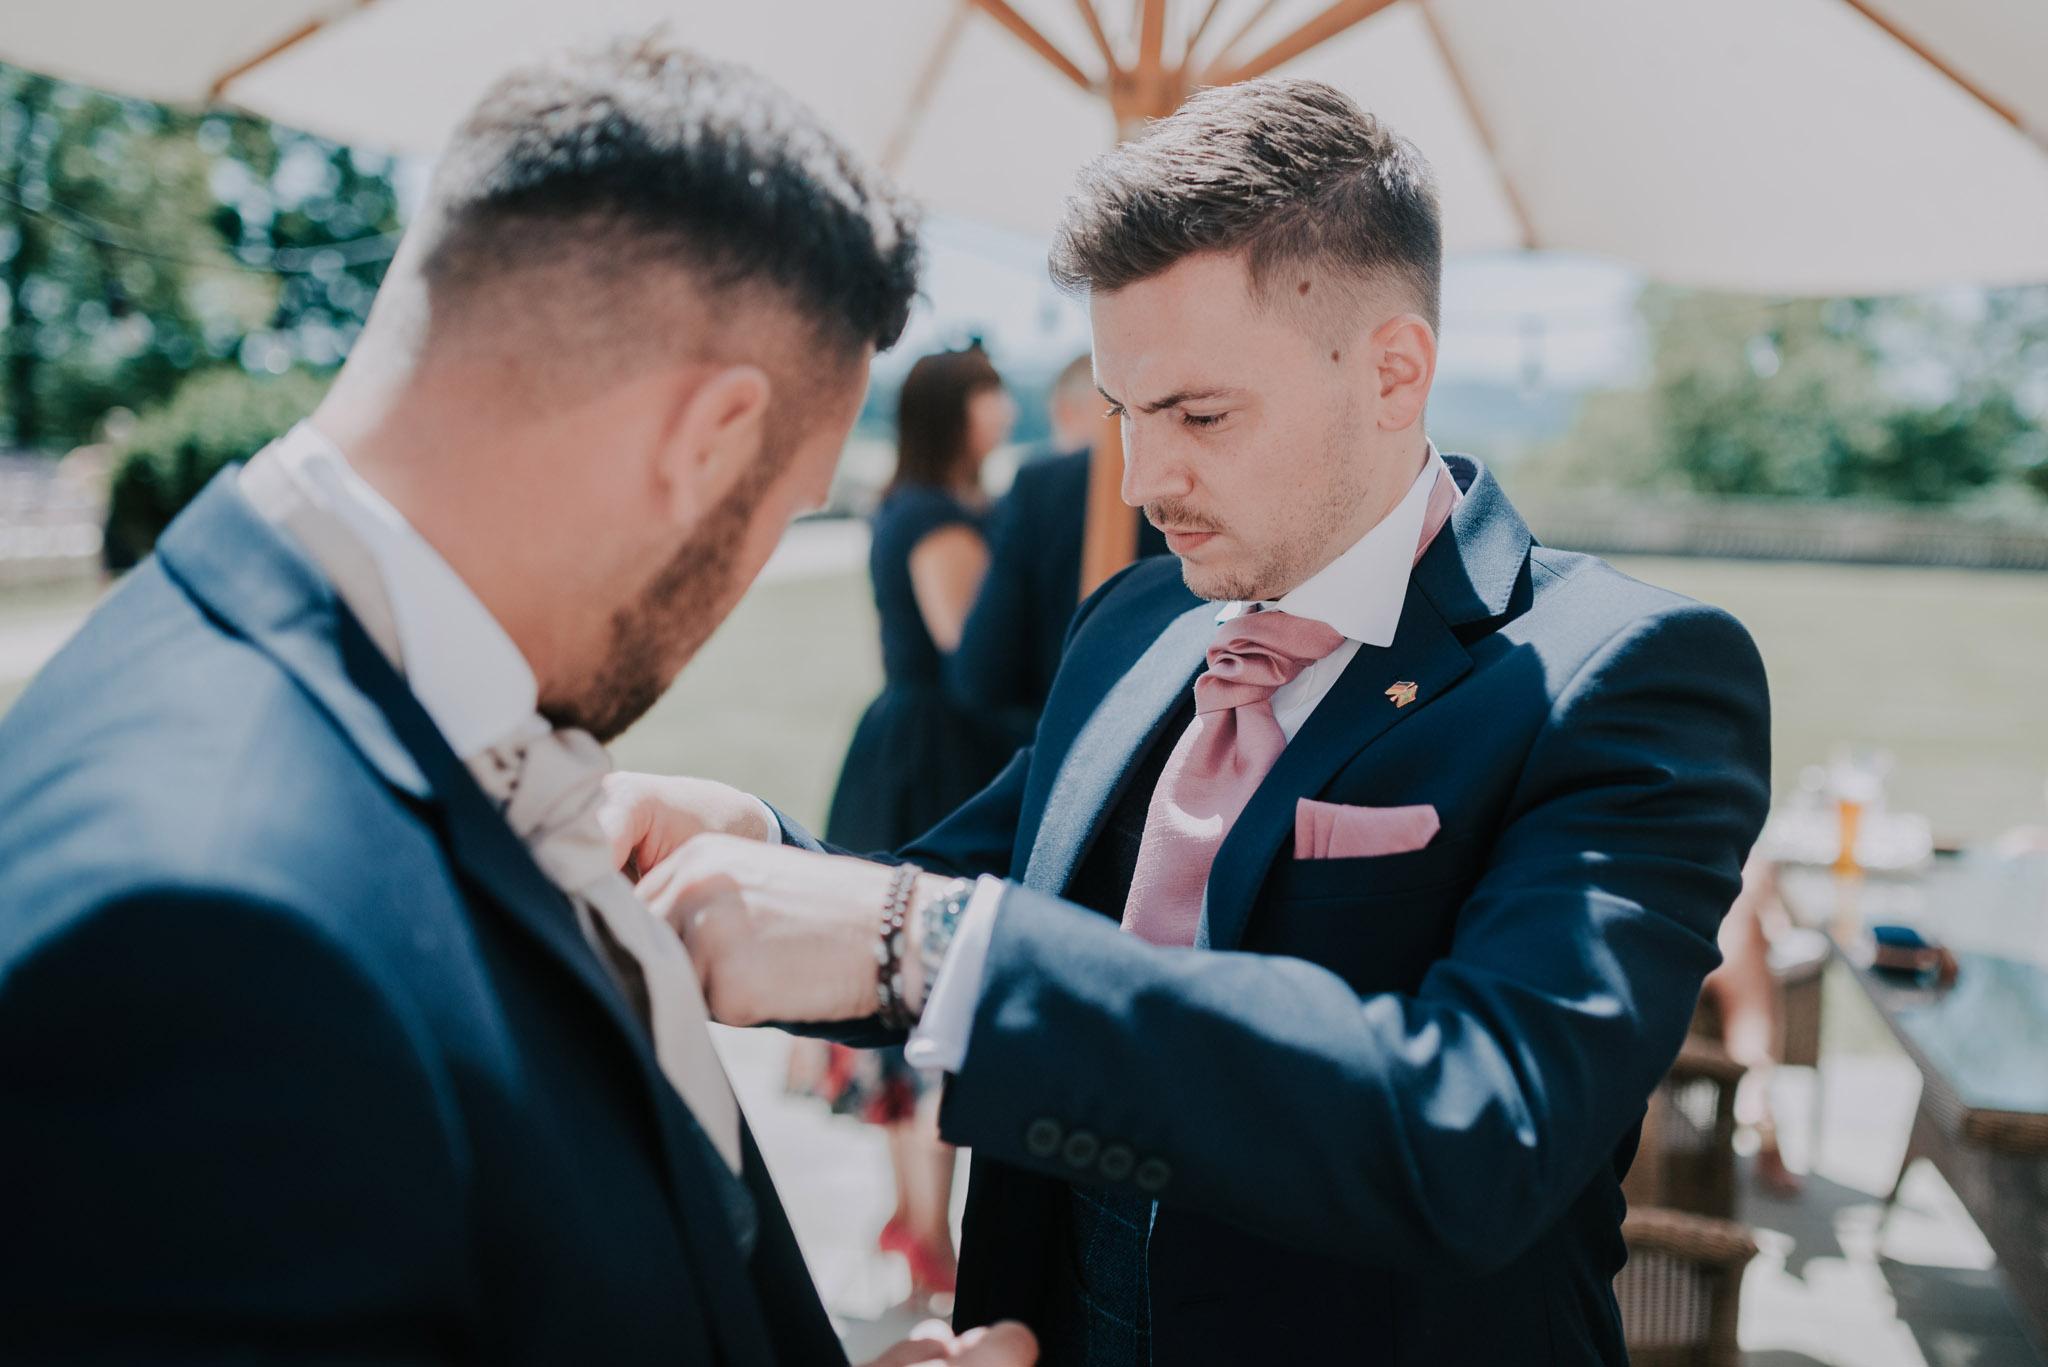 scott-stockwell-wedding-photographer-wood-norton-evesham097.jpg